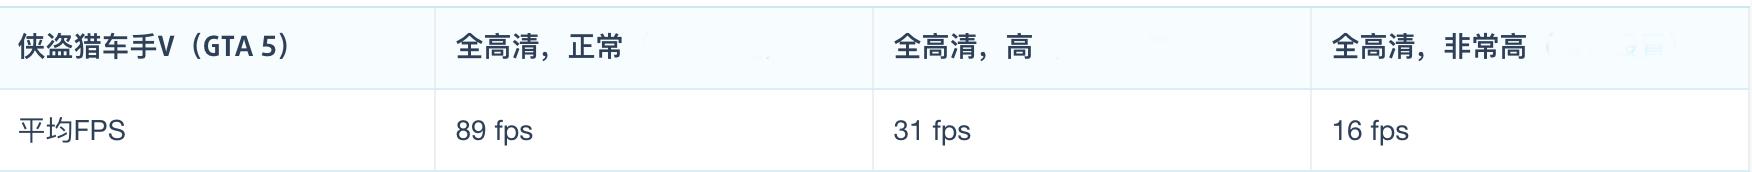 HP 惠普 ENVY x360 15 评测